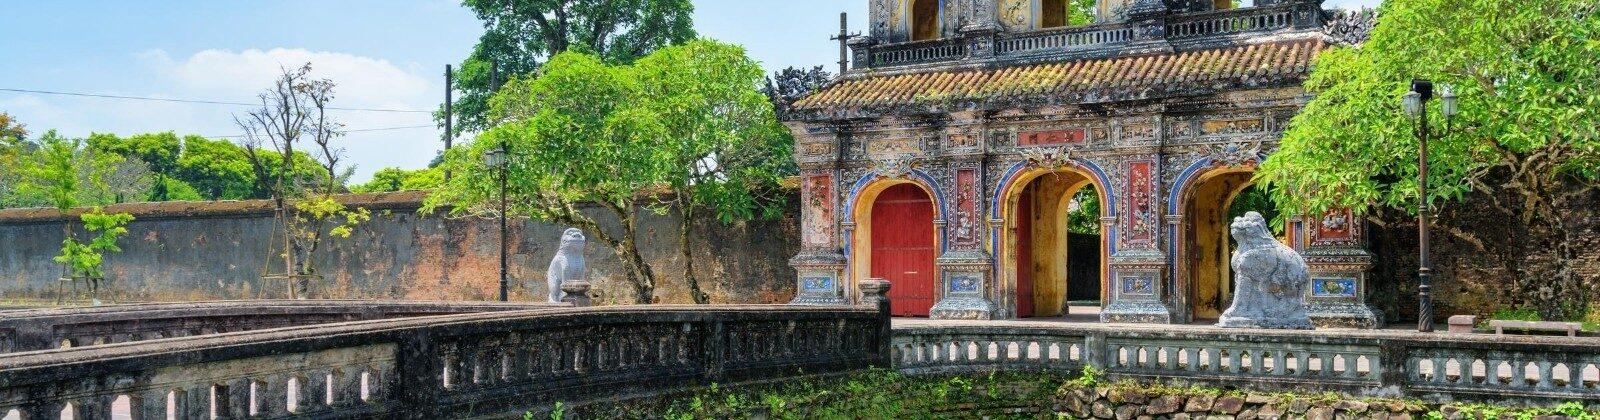 bridge in hue vietnam